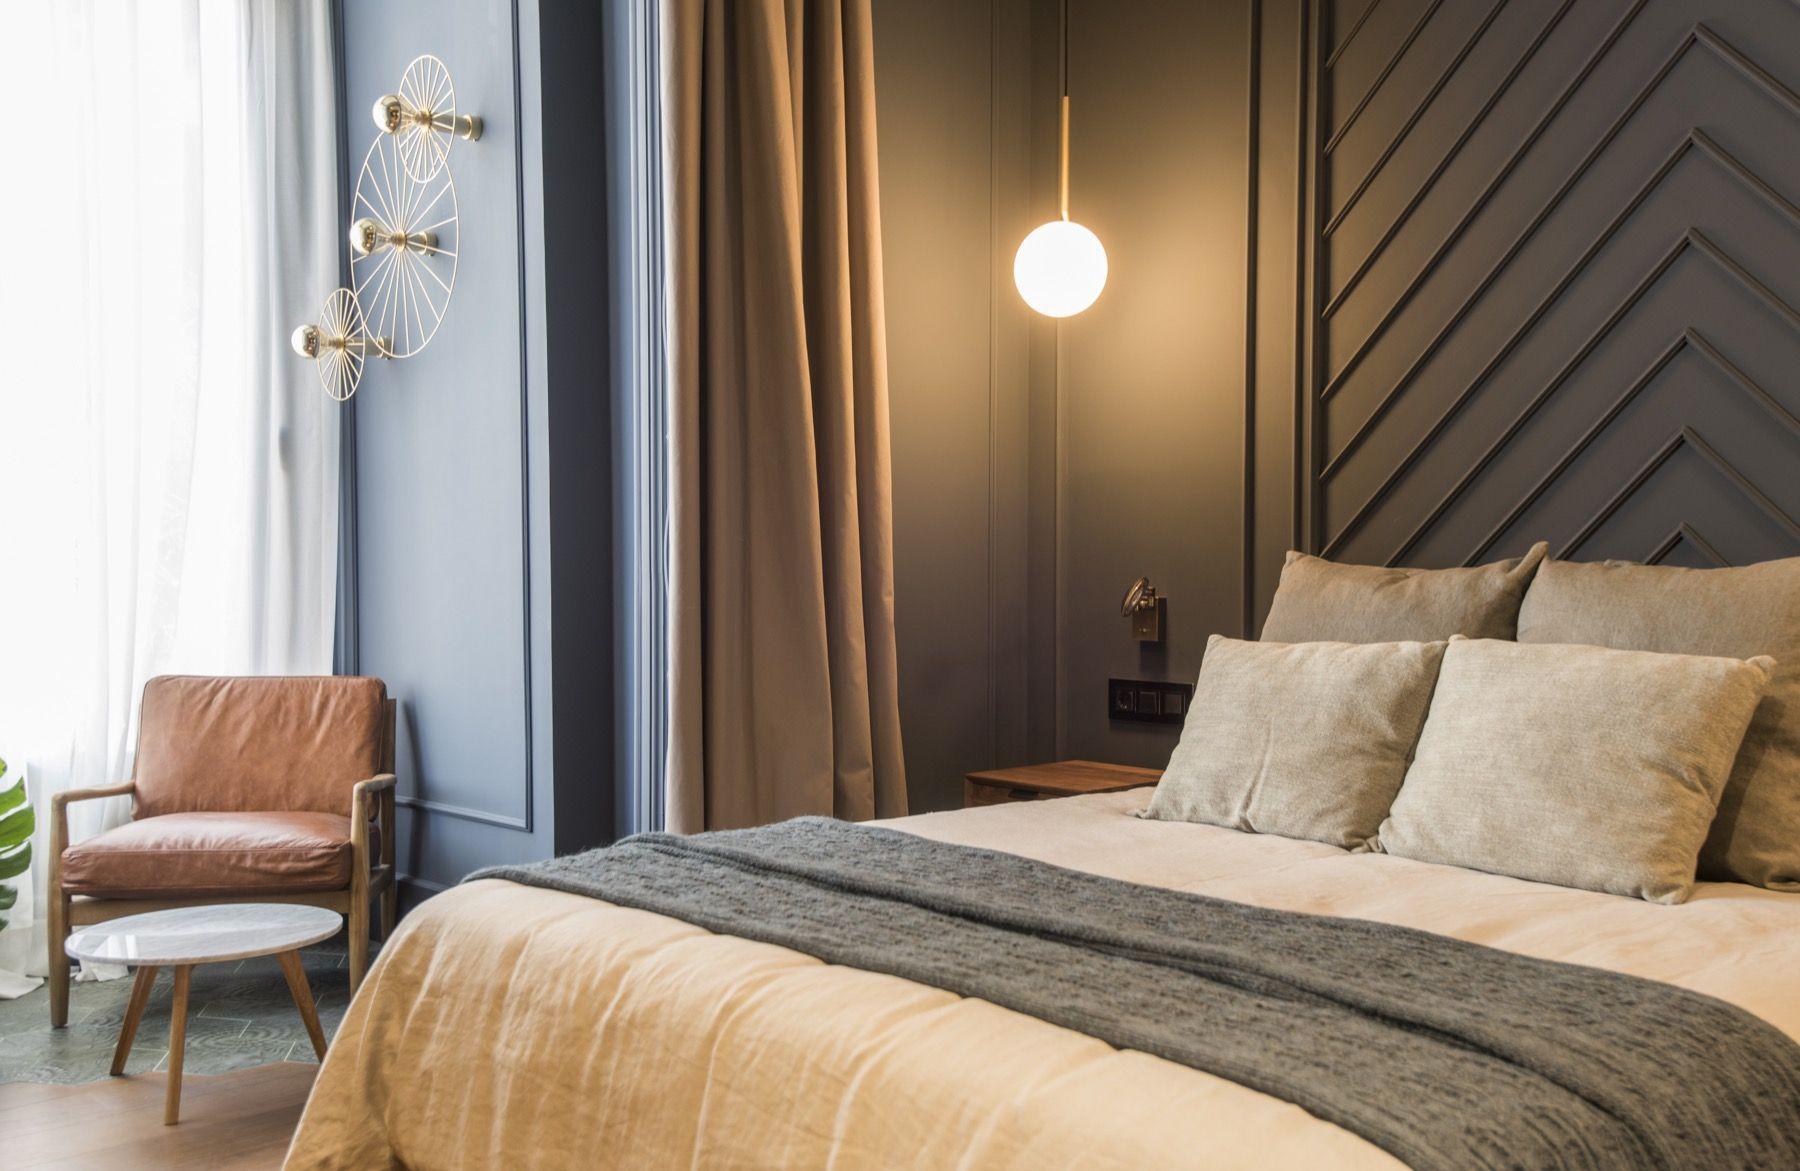 Foto 4 de Decoración y diseño en Barcelona | Interiorismo Miriam Barrio